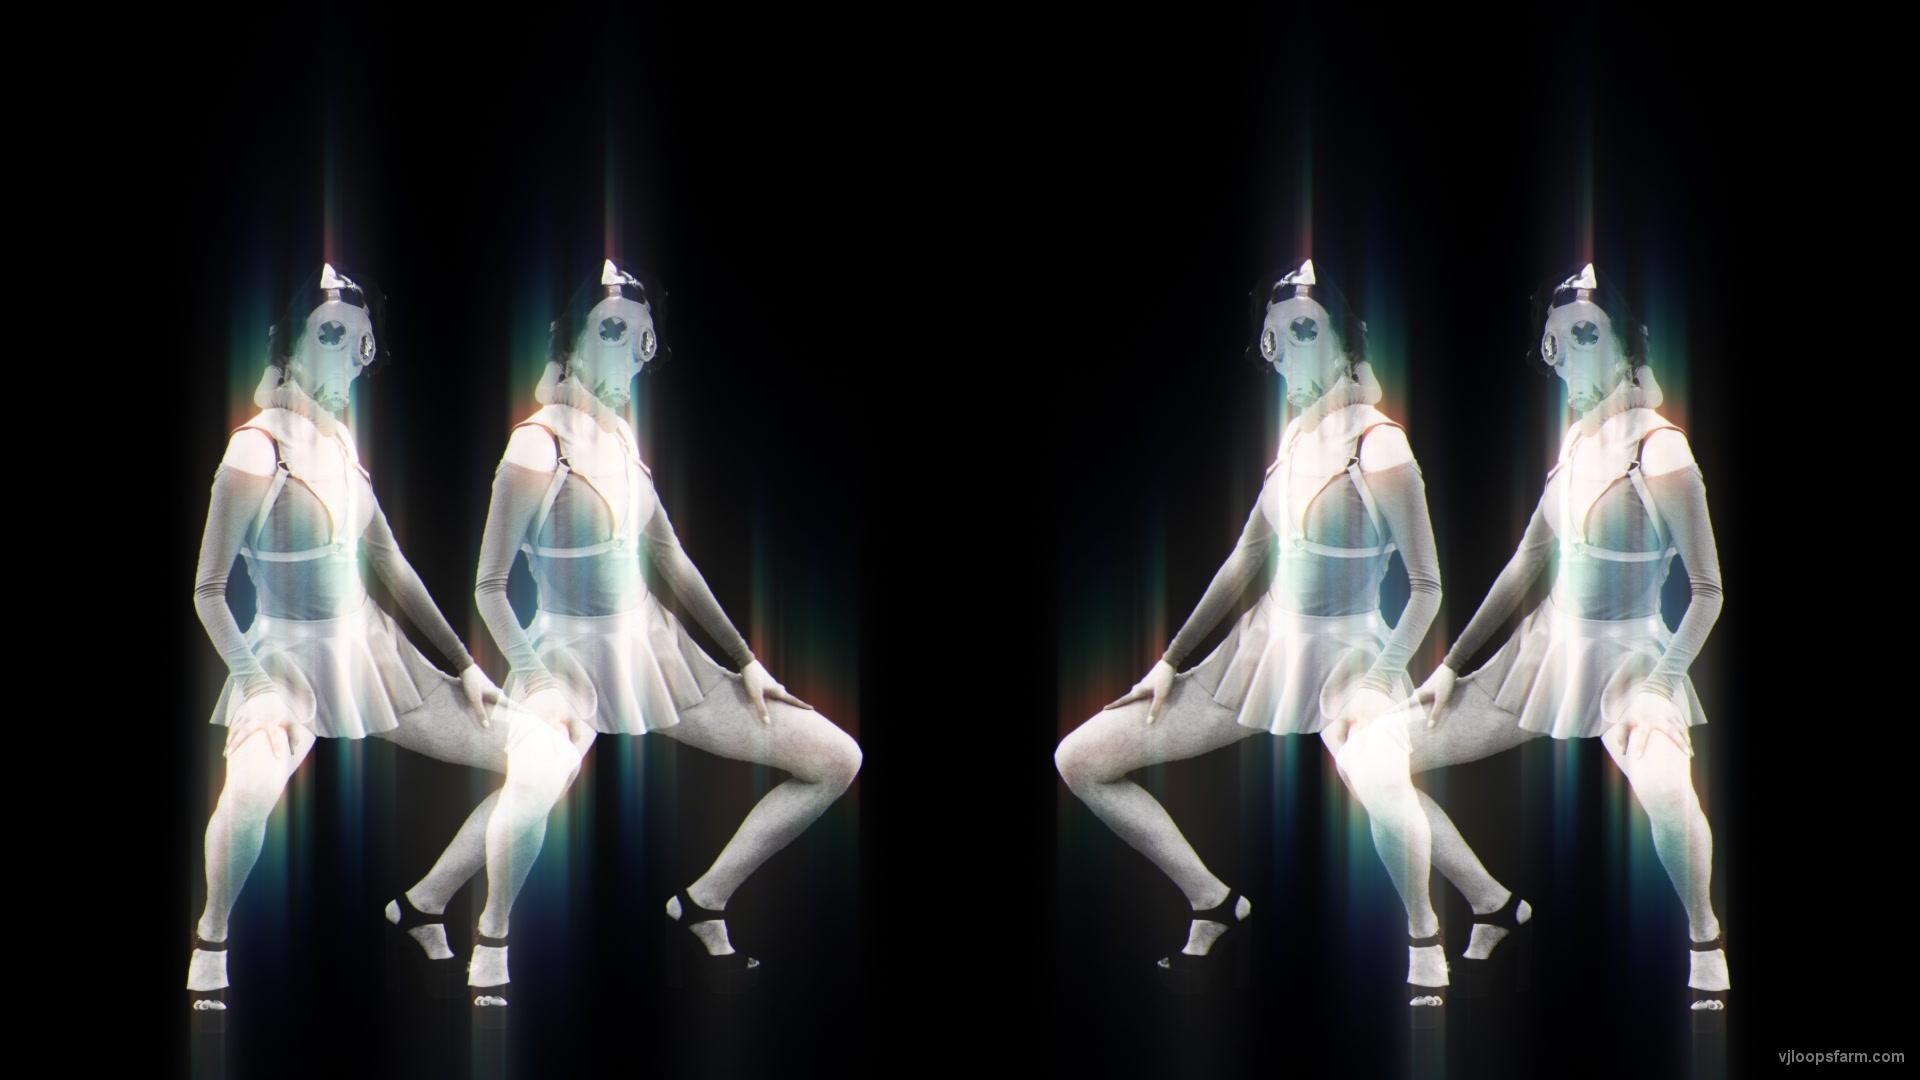 vj video background Side-Screen-Chernobyl-Girls-Dancing-in-pixel-sorting-effect-stock-footage-video-art-vj-loop-1_003